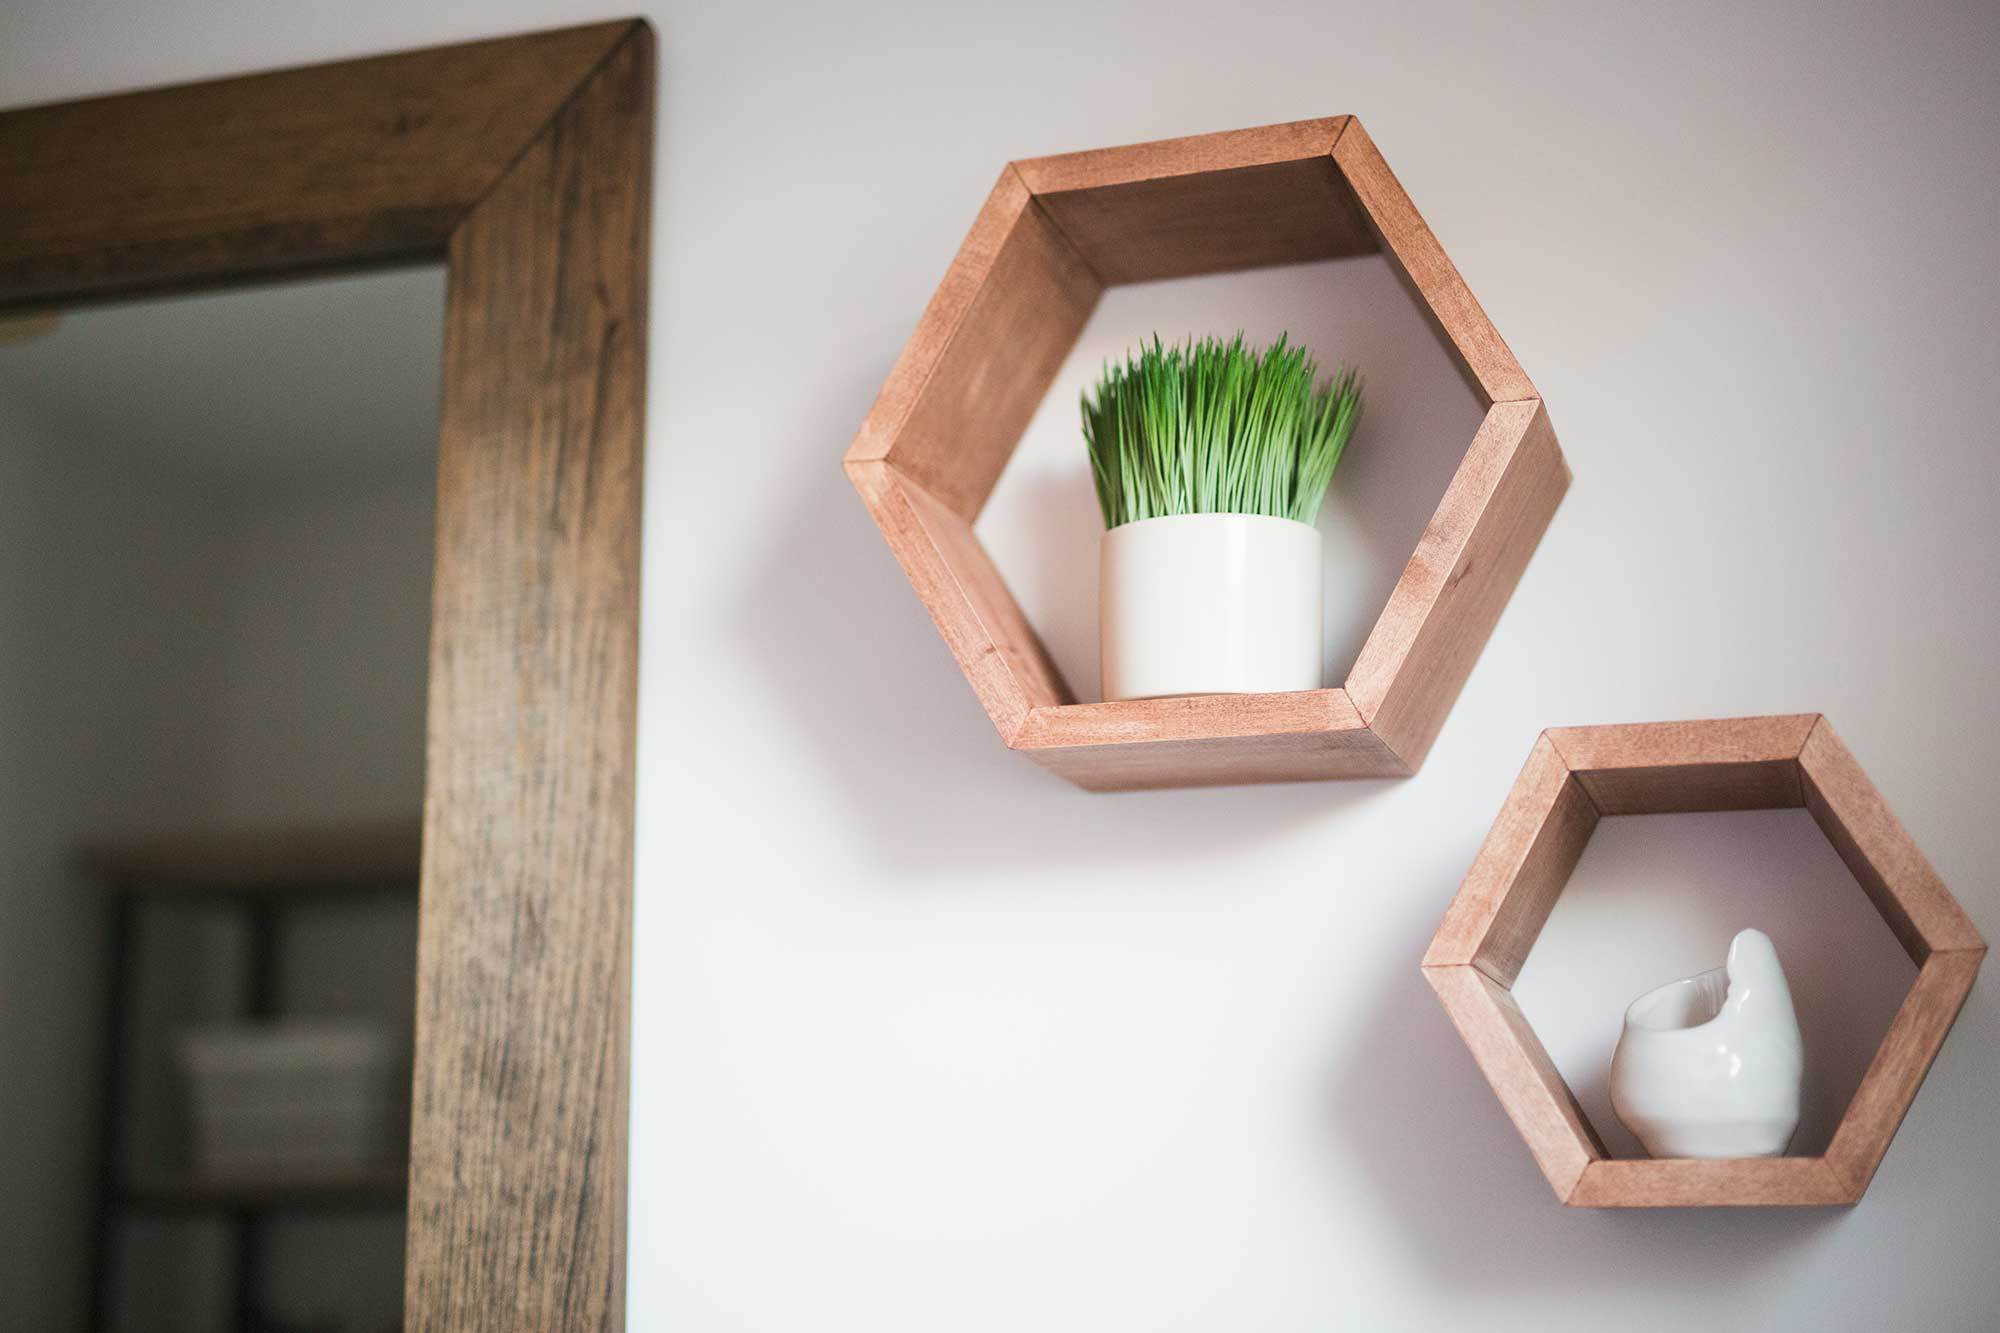 diy-hexigon-shelves